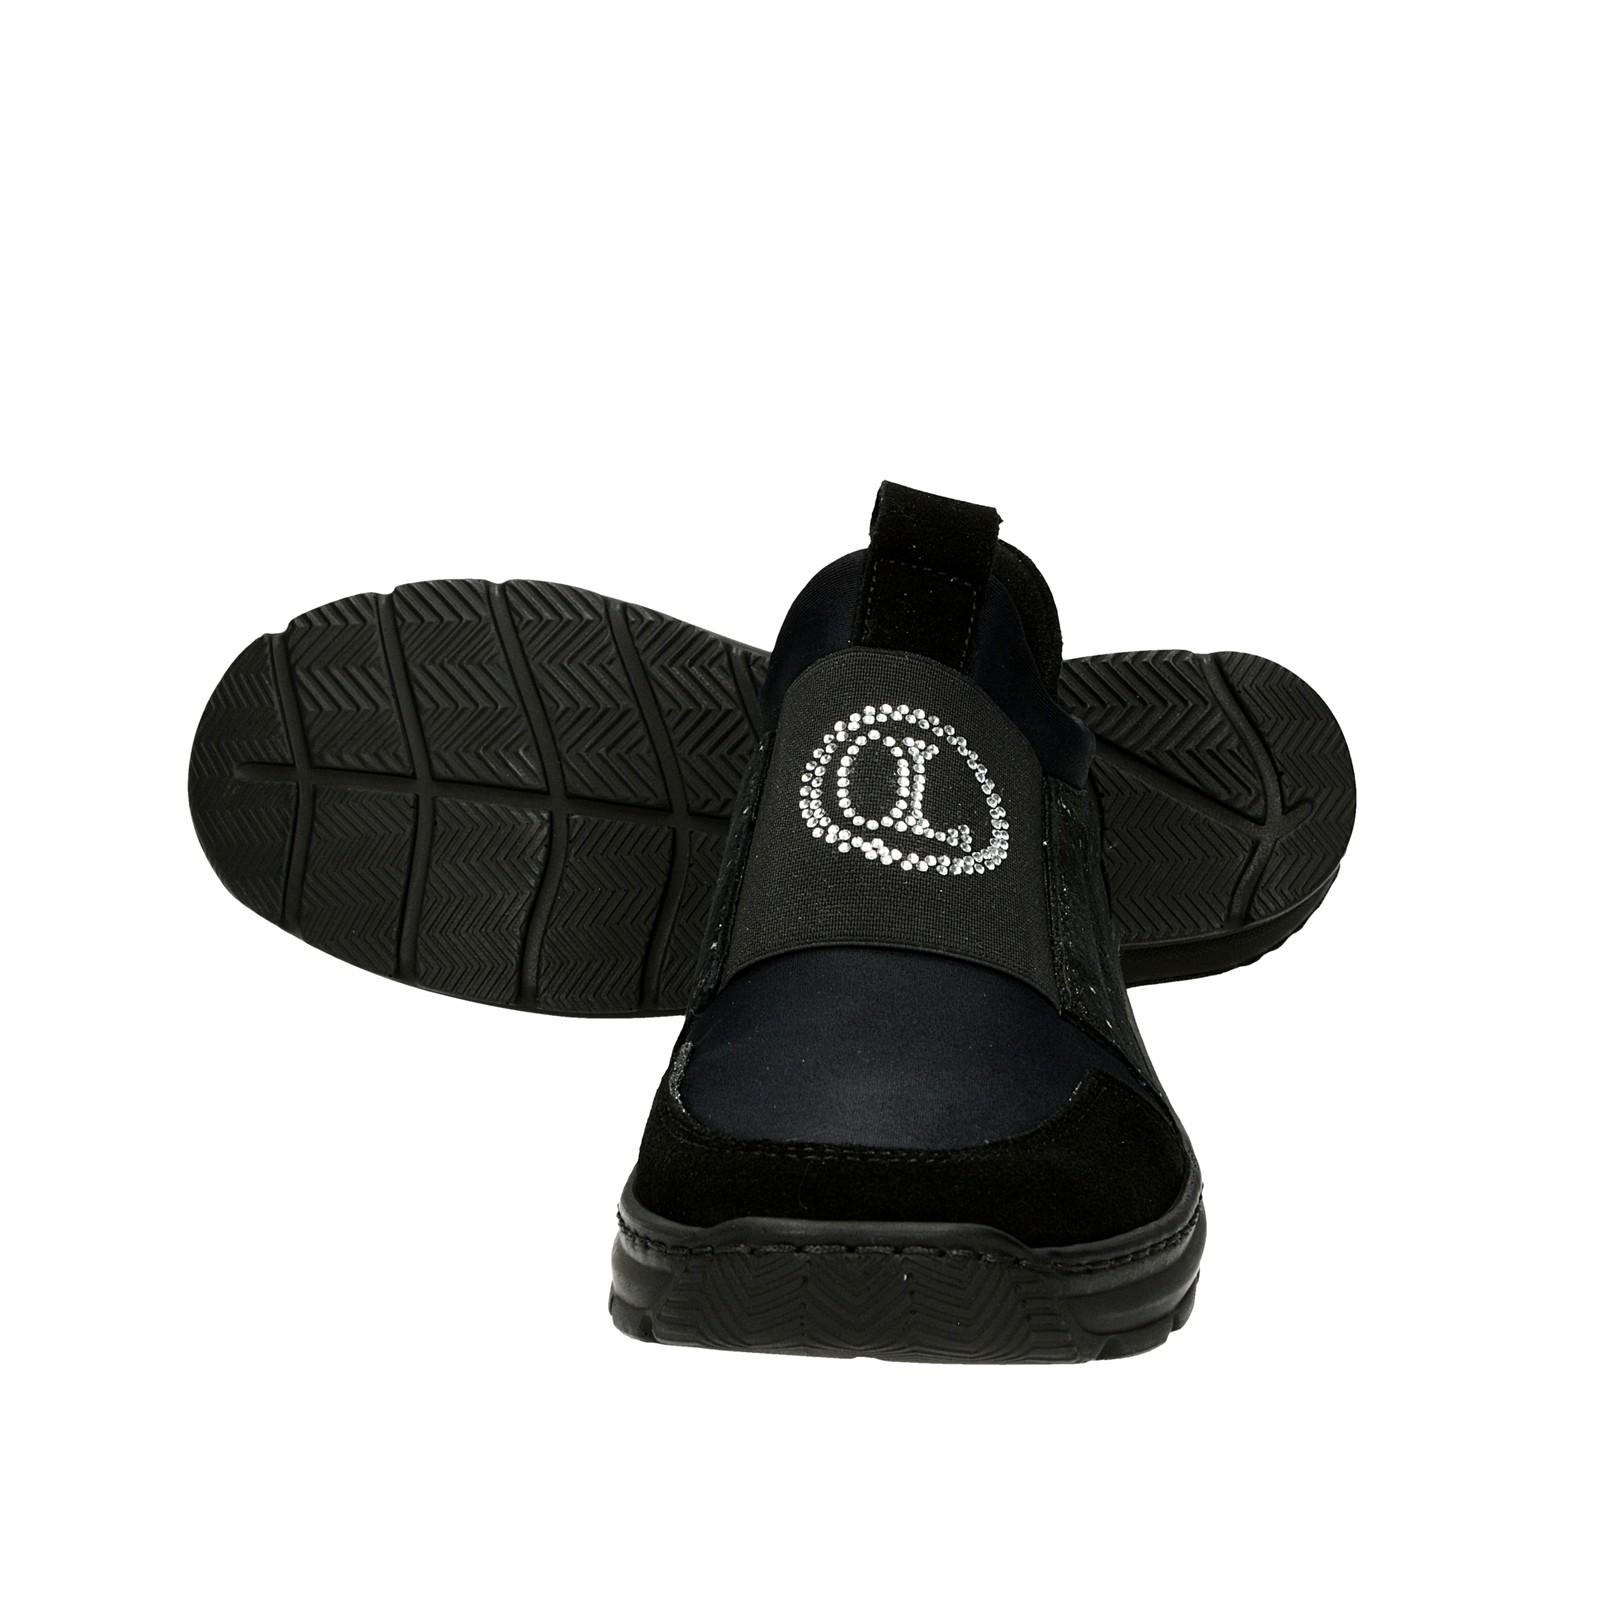 ... Olivia shoes dámske tenisky s ozdobnými kamienkami - čierne ... f26074a9be4